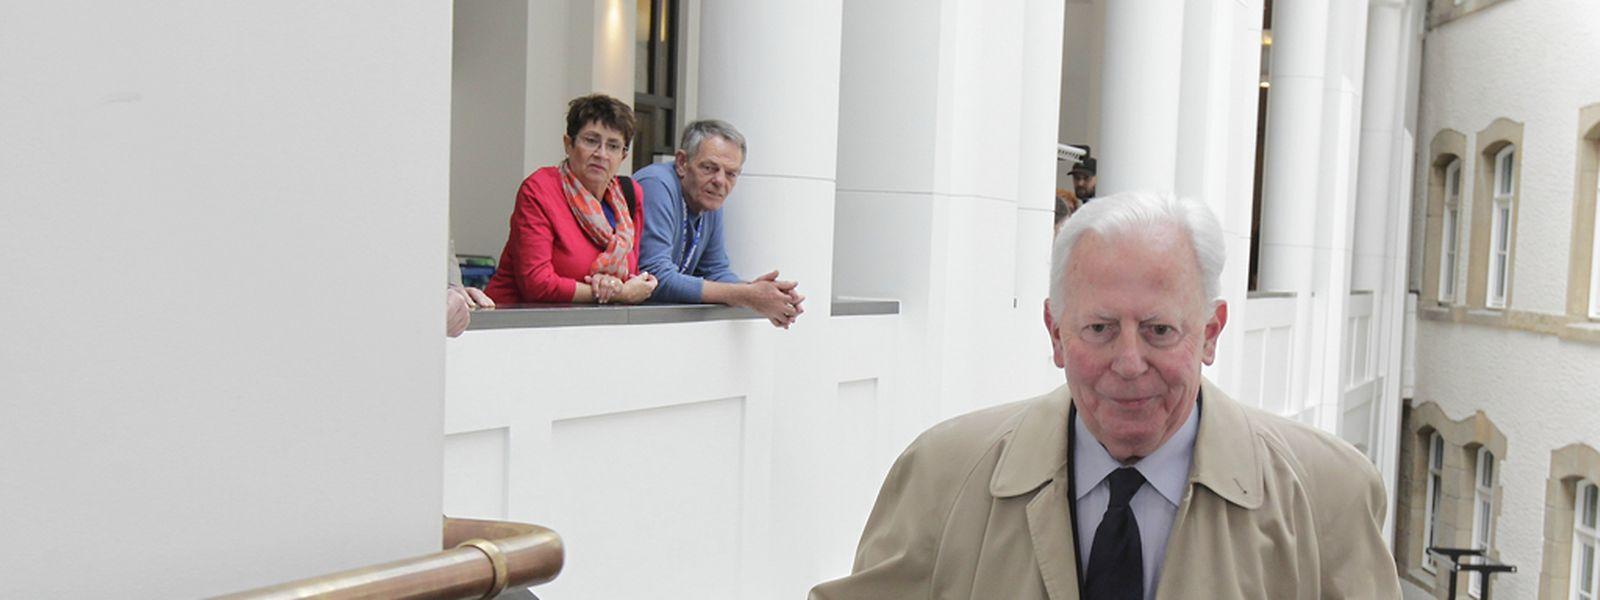 """Ehrenstaatsminister Jacques Santer: """"Wenn ich damals gewusst hätte, was ich heute weiß, dann hätte ich sicher auch anders reagiert""""."""